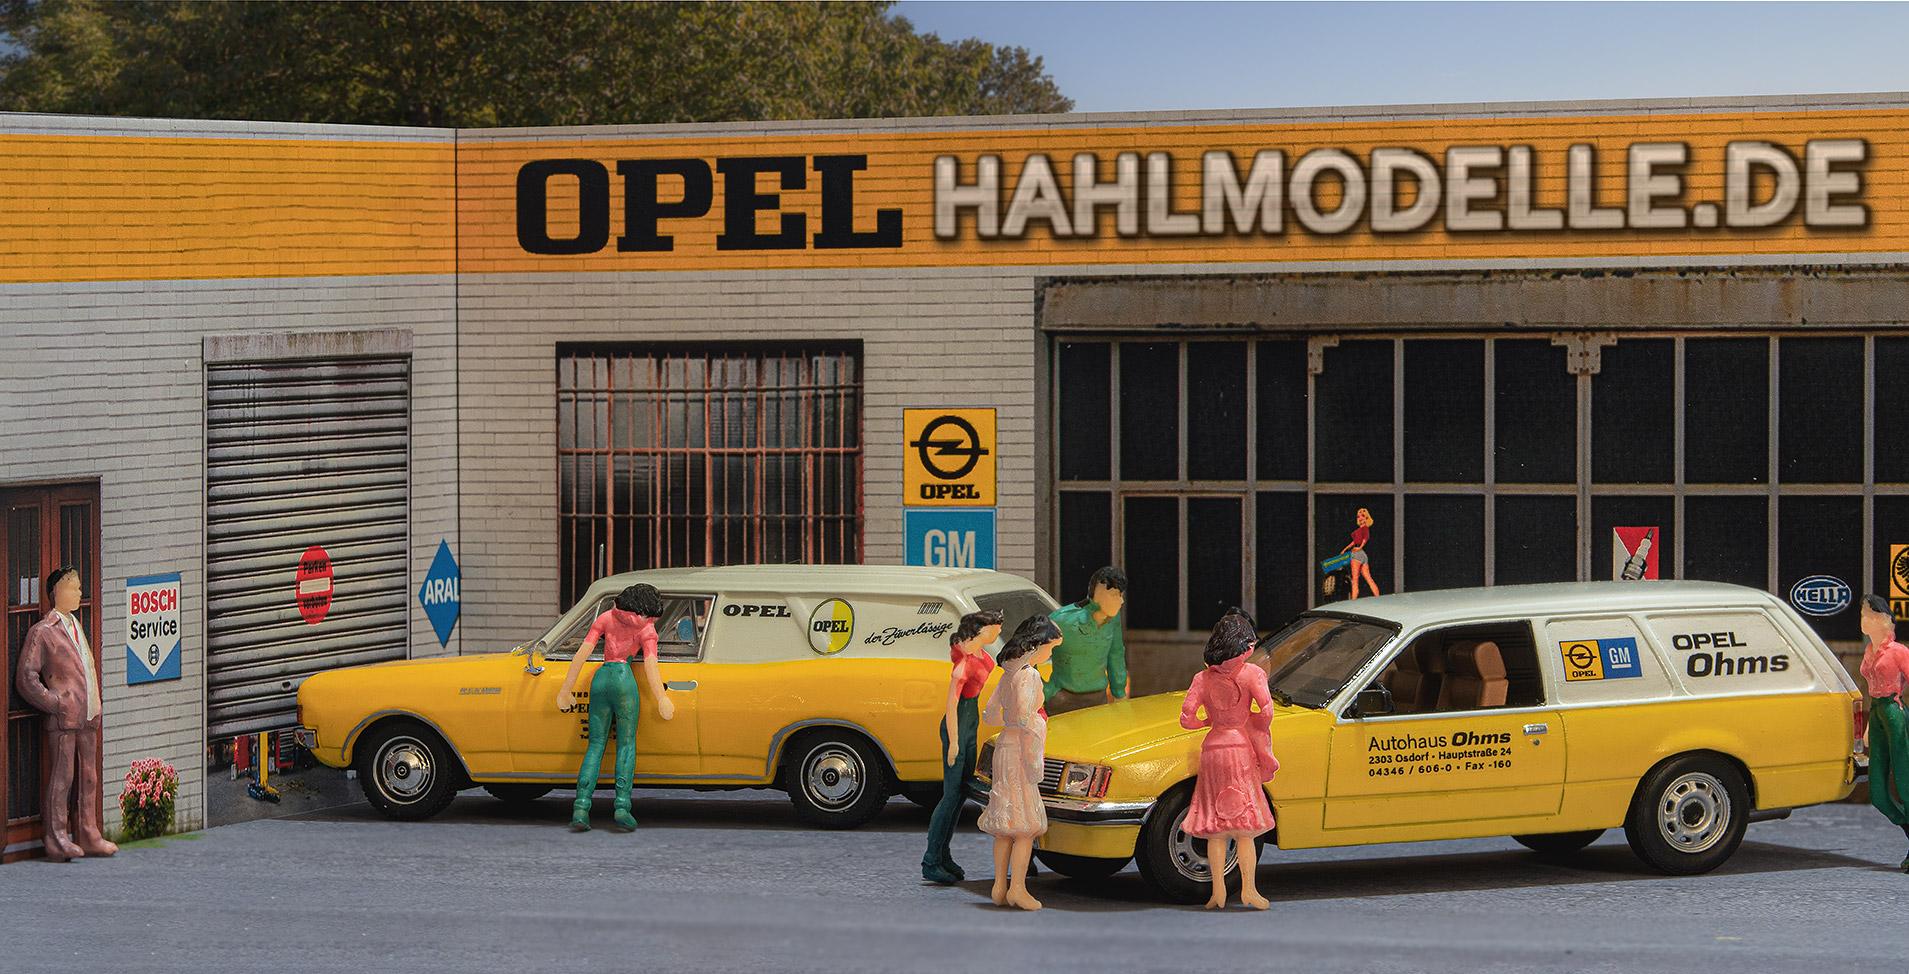 hahlmodelle.de | Opelmodelle in 1:43